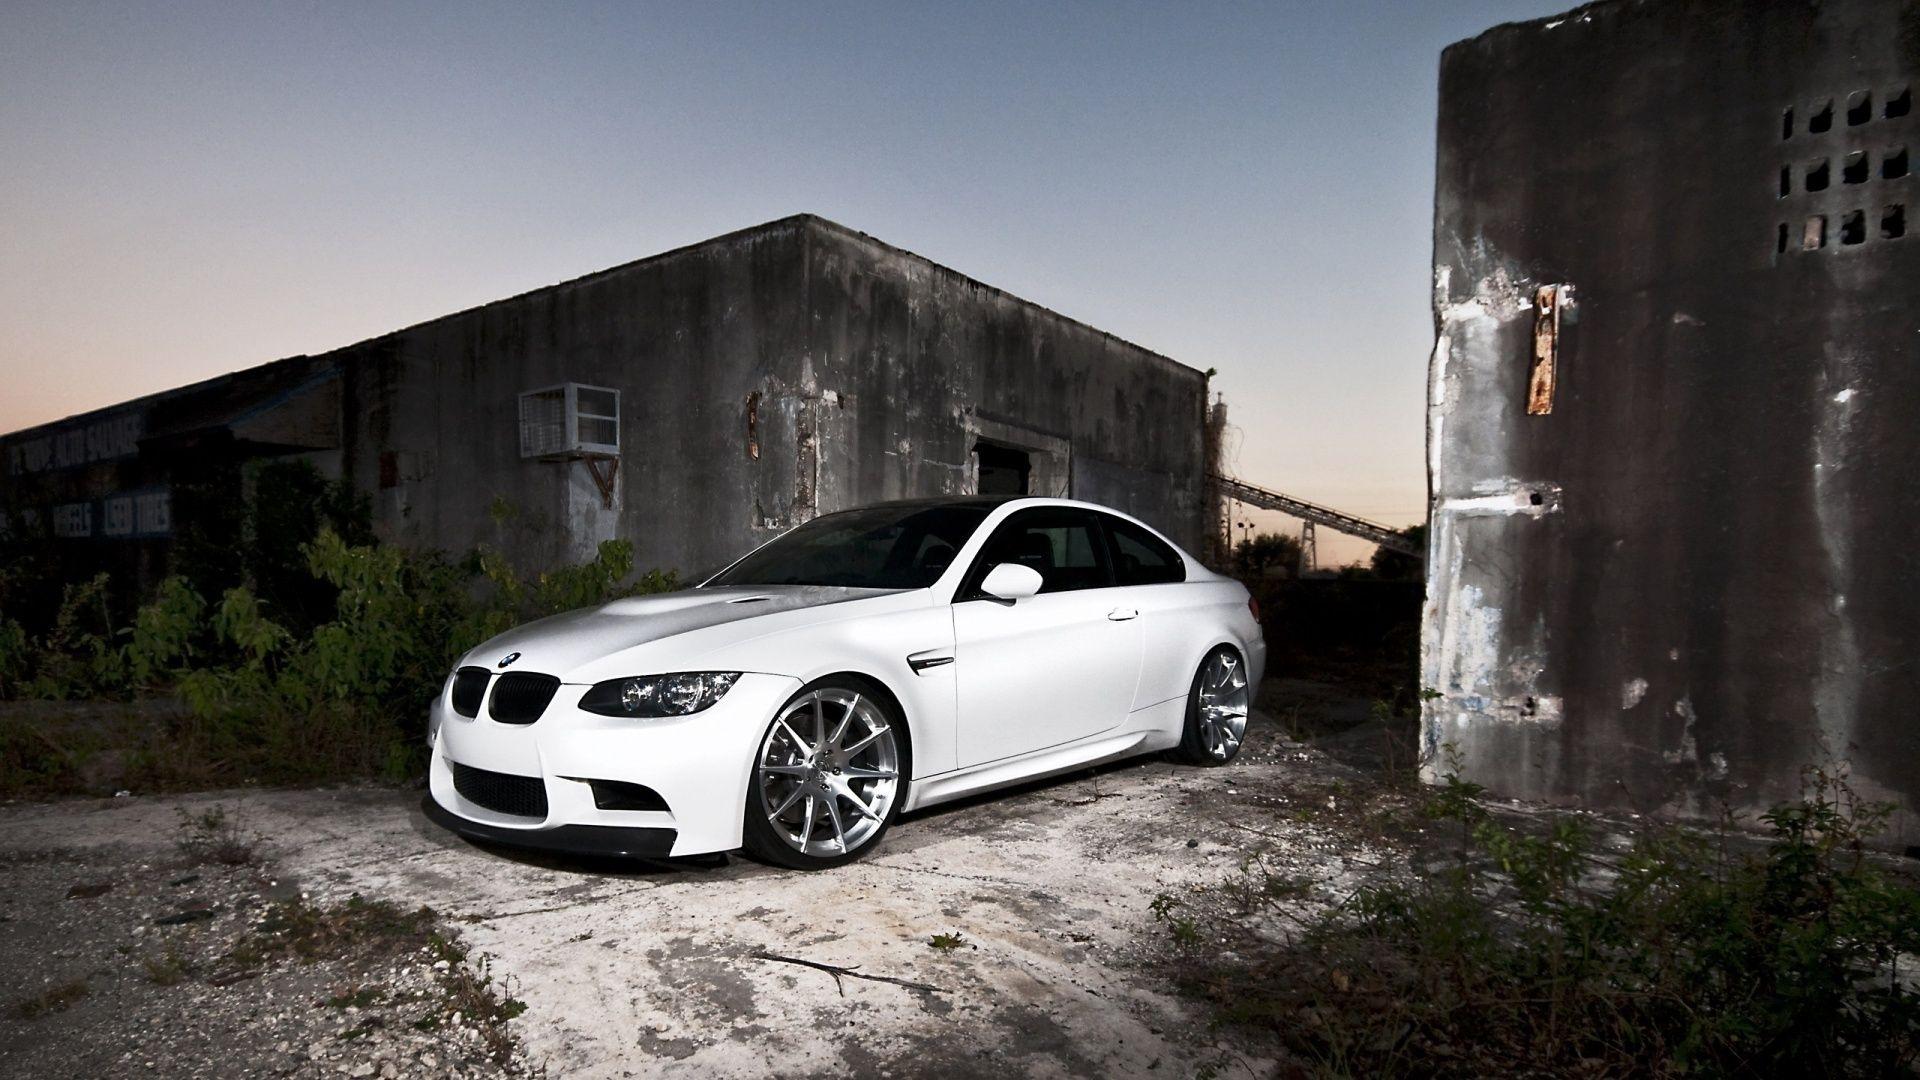 BMW M3 Wallpaper 10 1920x1080 768x432